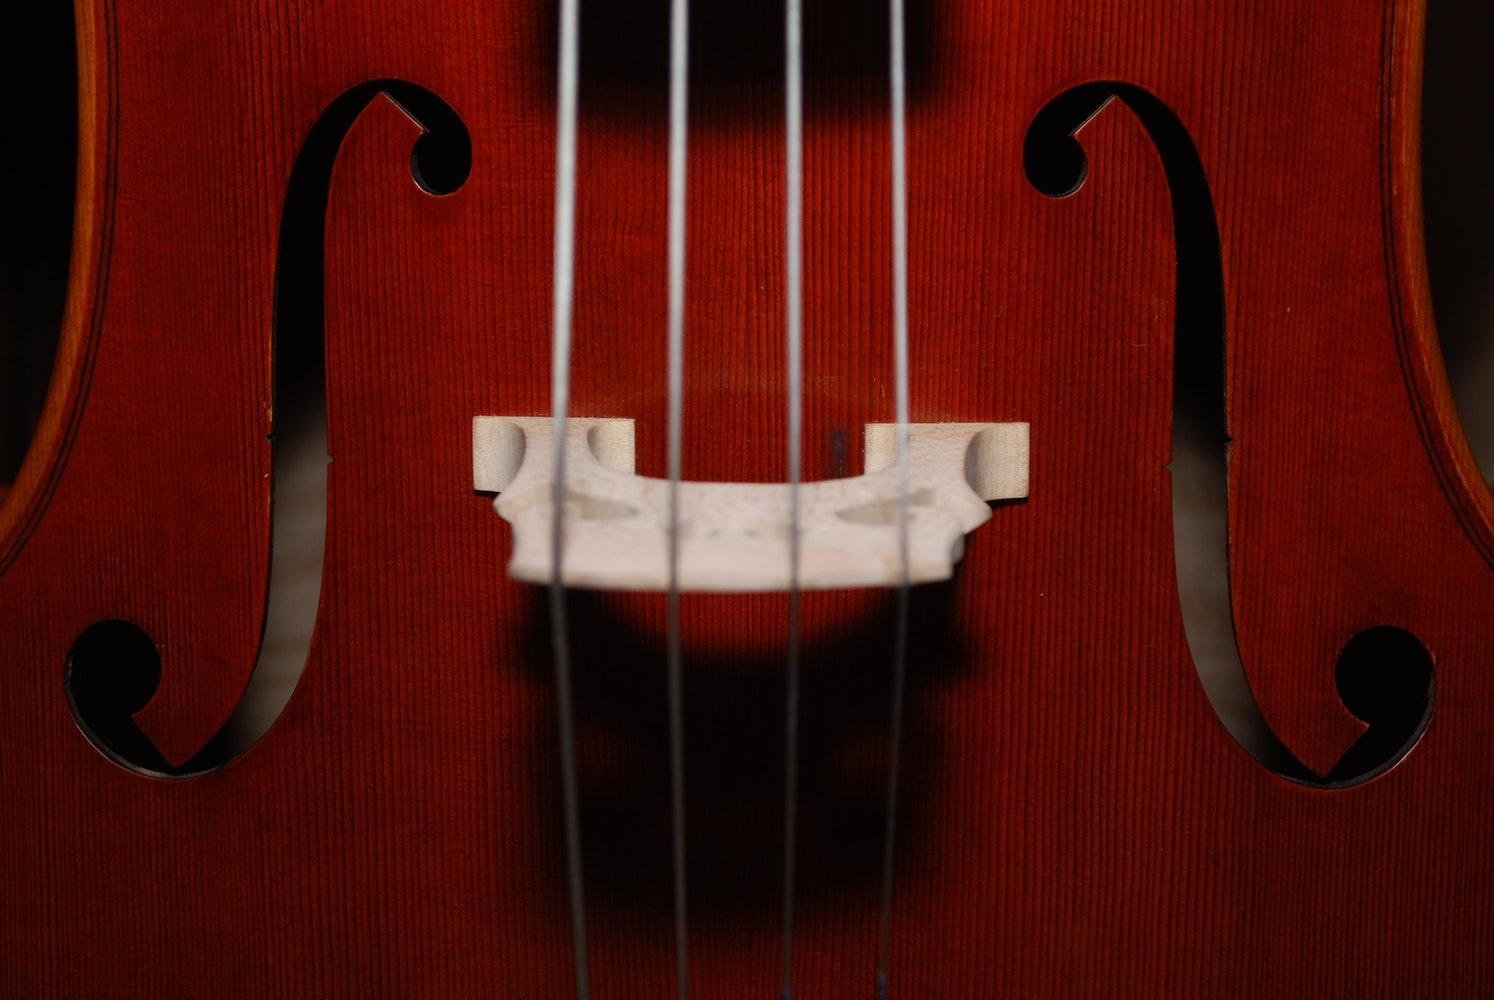 Mitos sobre la Música Clásica: Parte 1